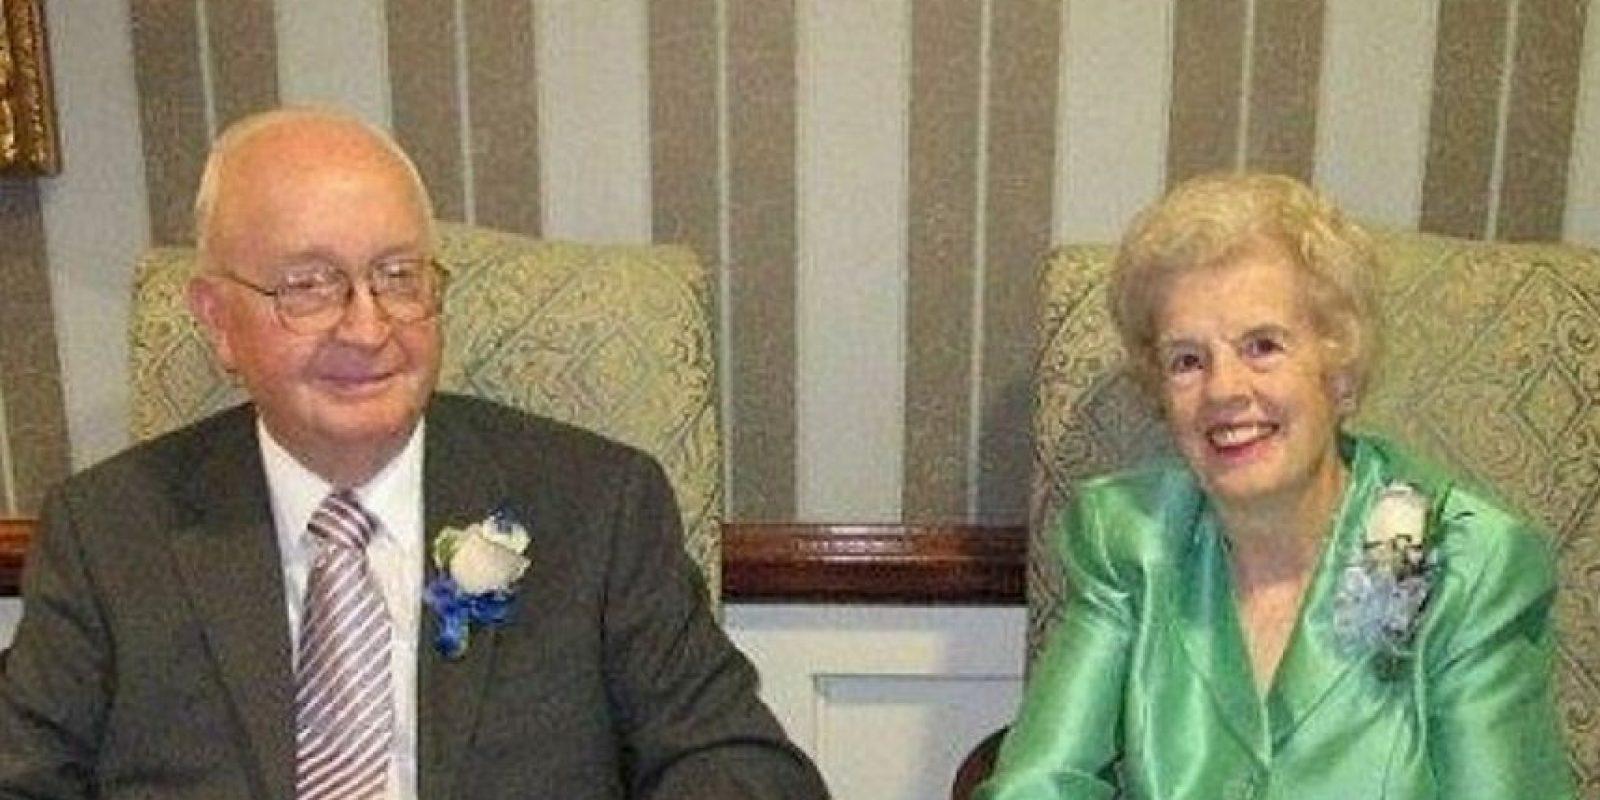 Jimmy Breland duró casado con Billie Breland por 60 años. Ella murió primero. Foto:Cliff Sims